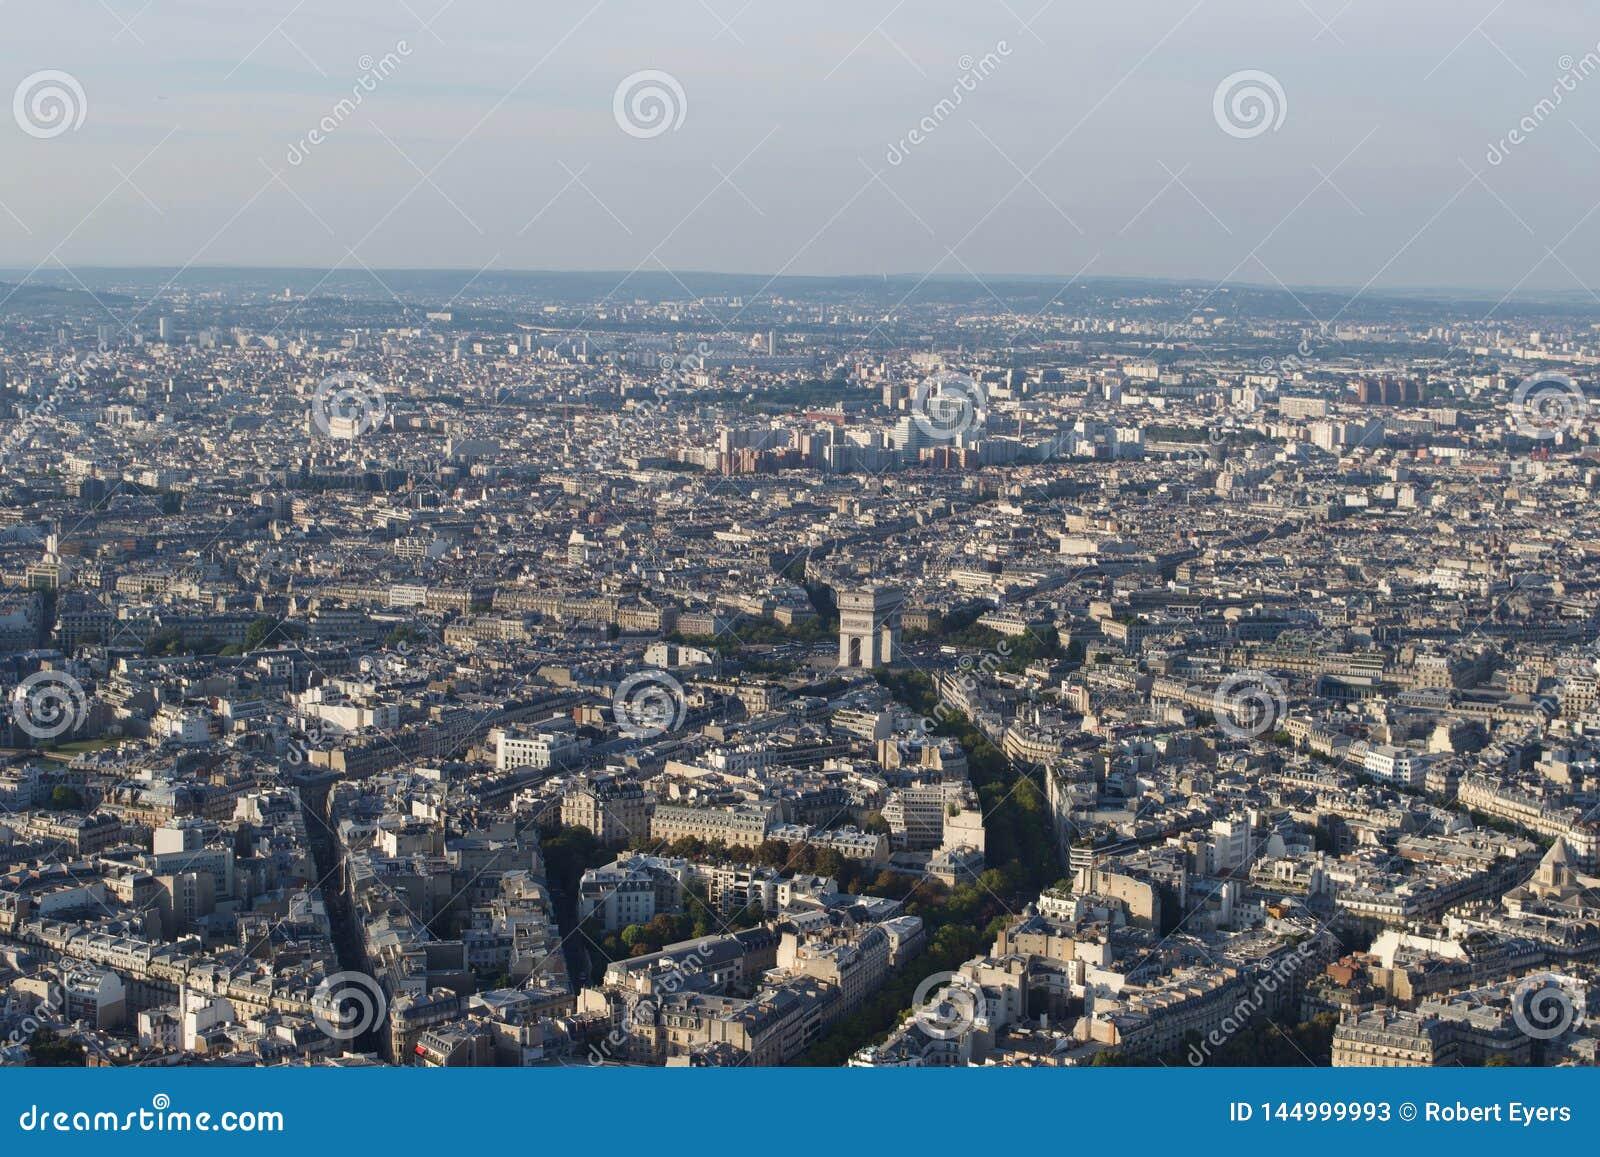 Paisaje urbano - París Francia vista desde arriba en un día soleado Arc de Triomphe visible